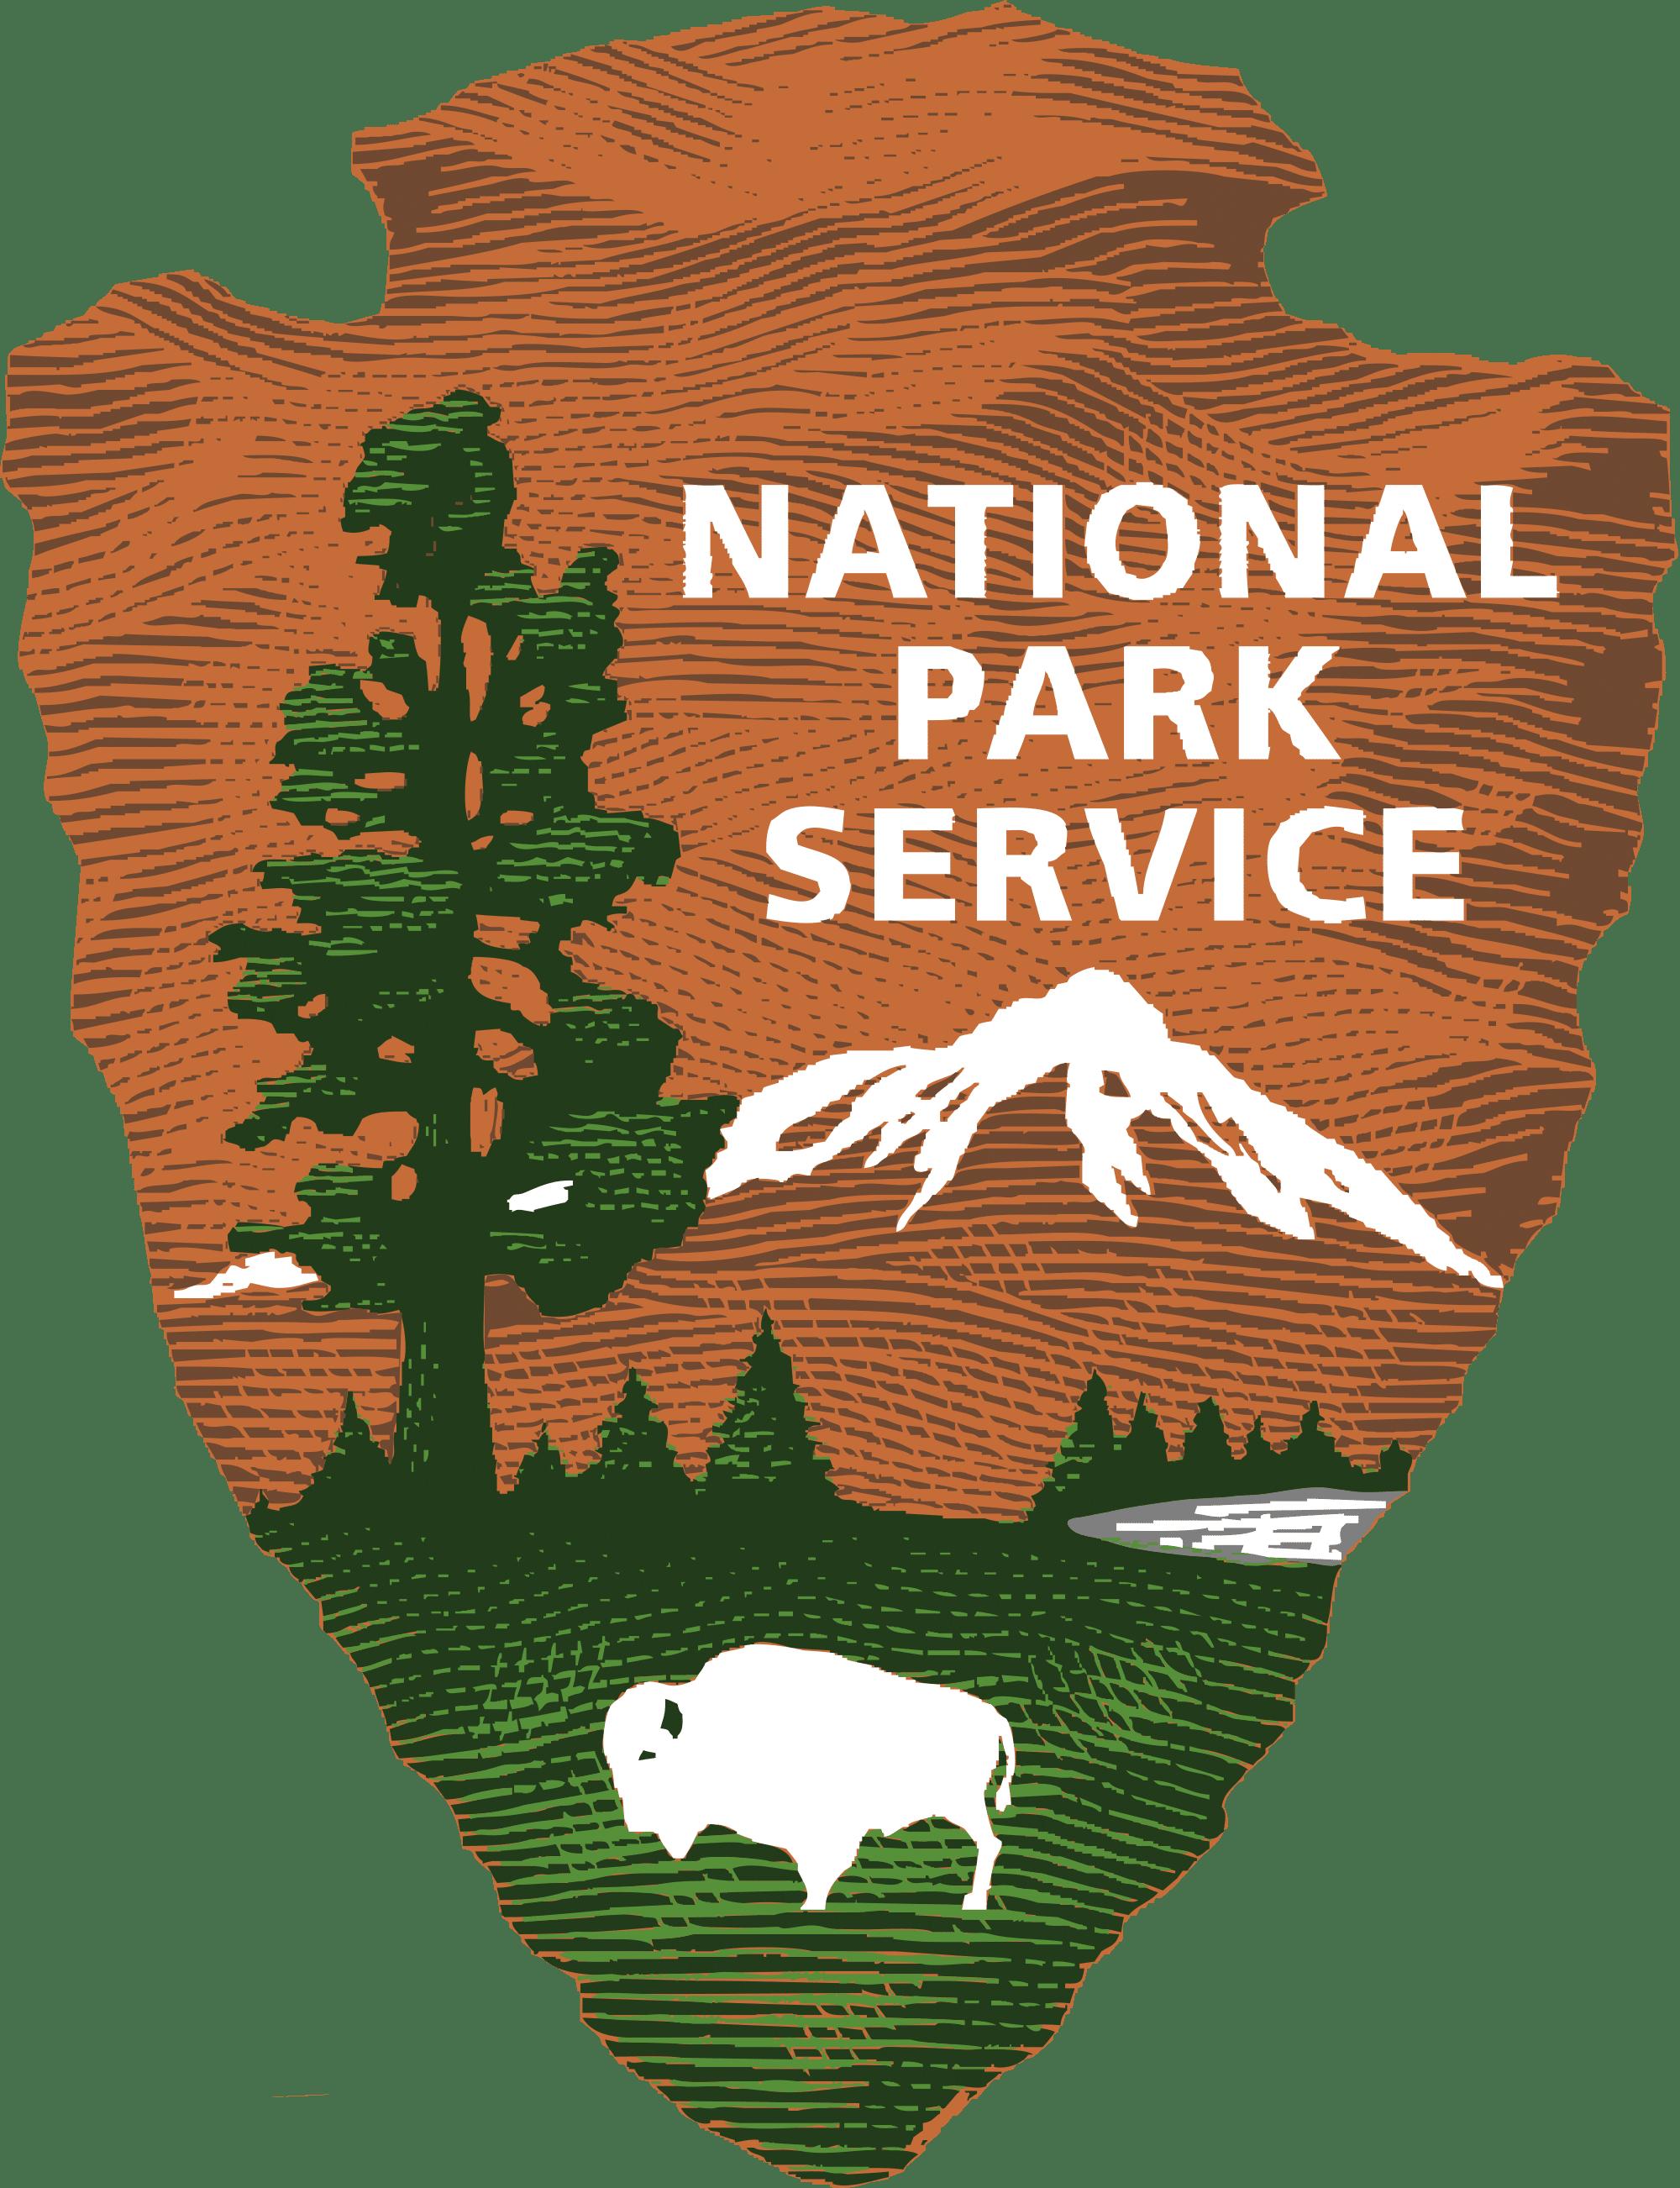 Nation Parks Service